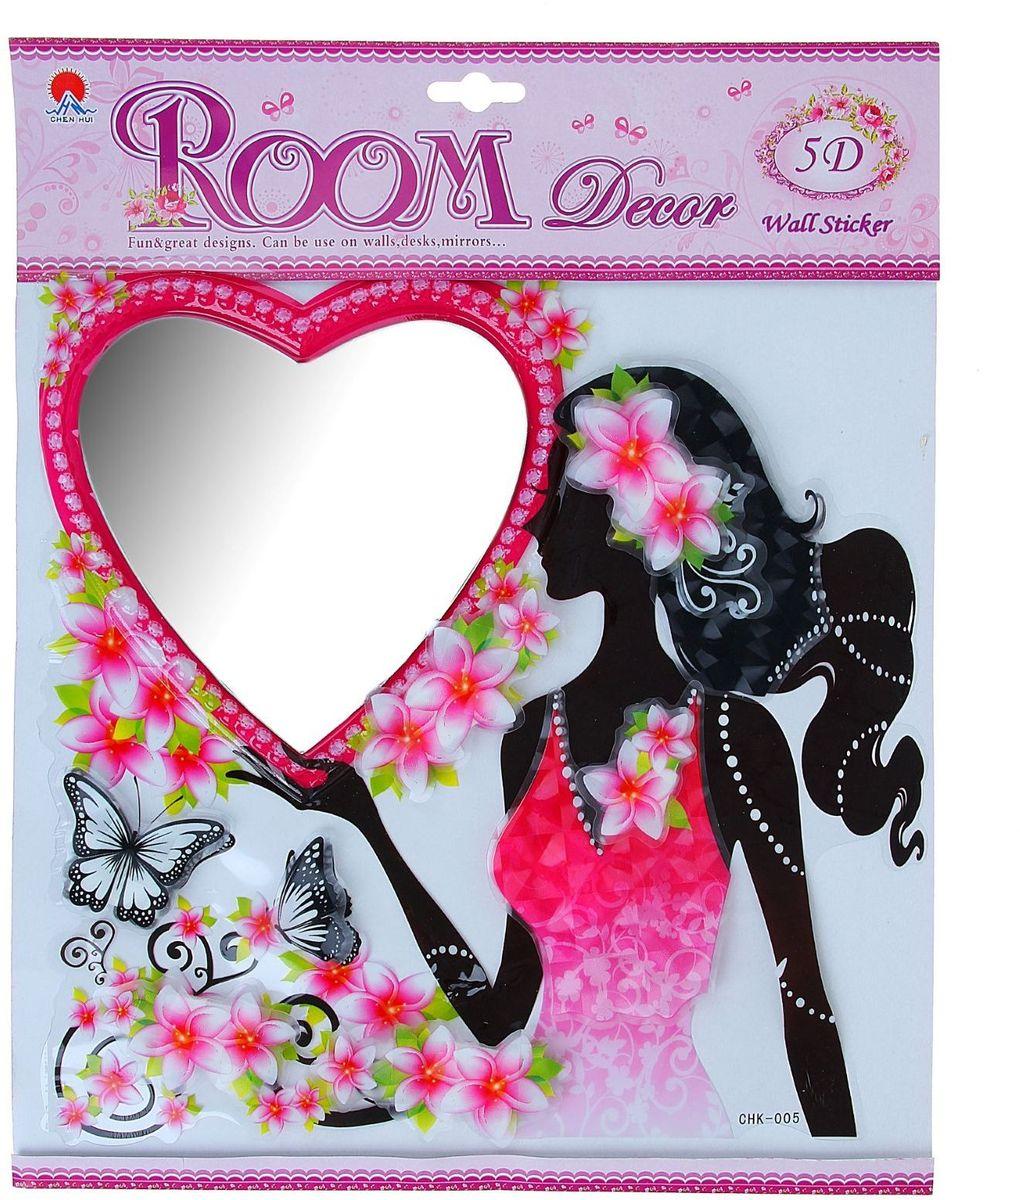 Room Decor Наклейка интерьерная зеркальная 5D Девушка с сердцем